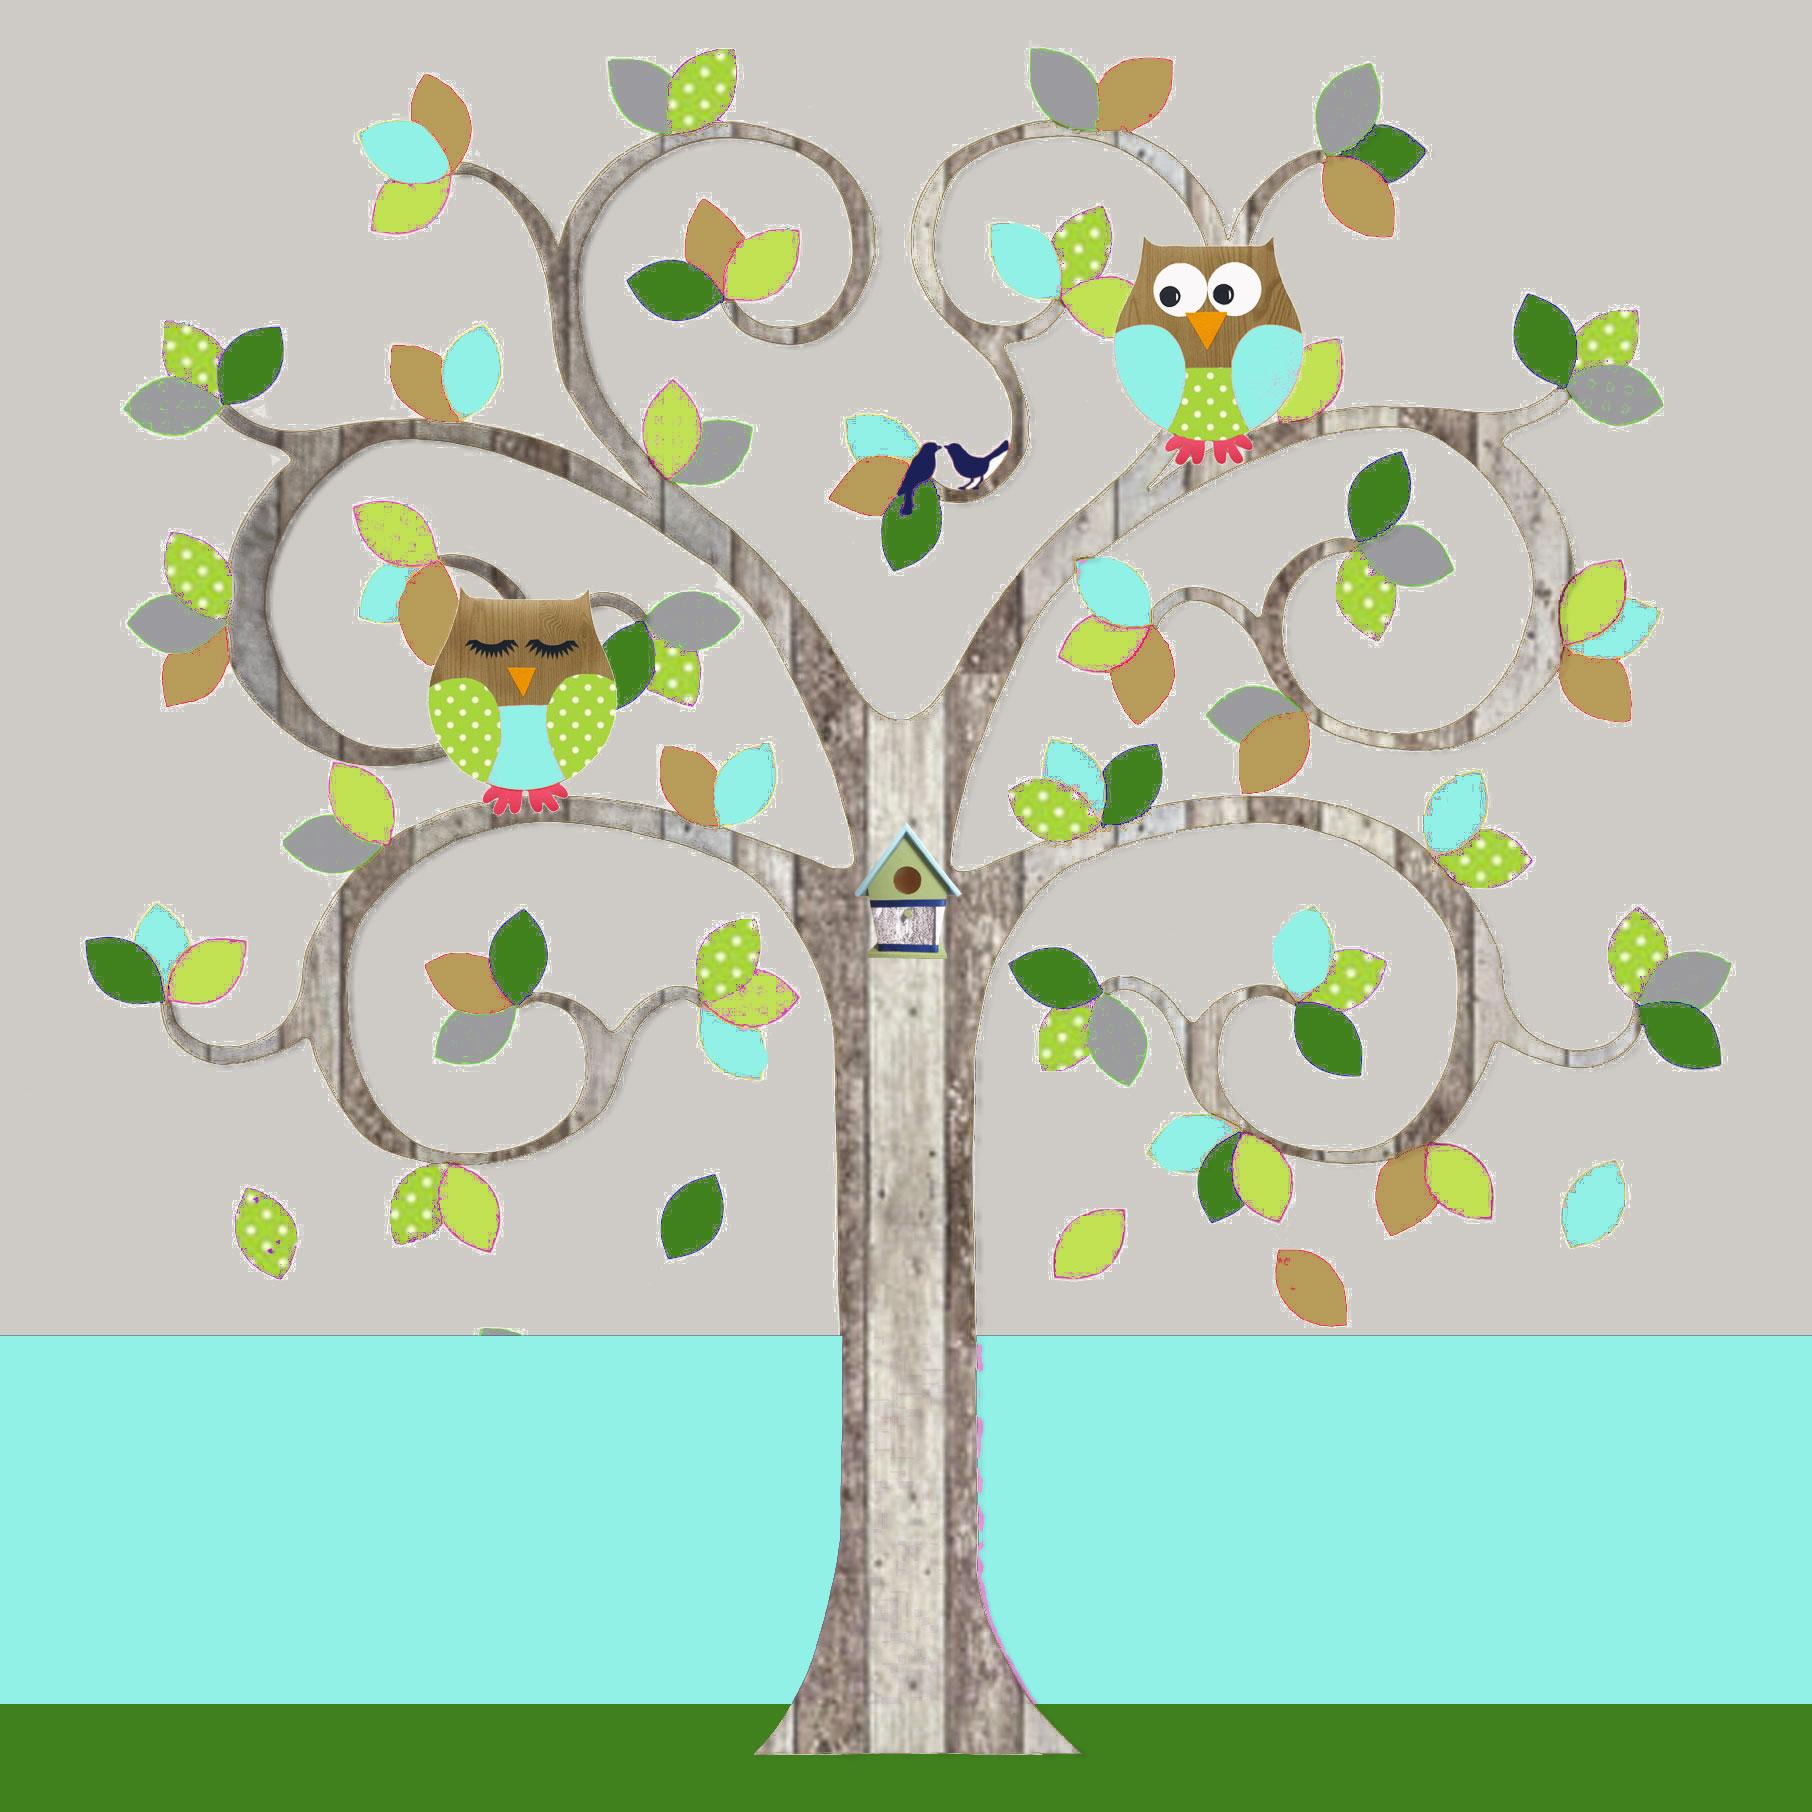 behangboom-C-sloophout-blauw-met-uilen